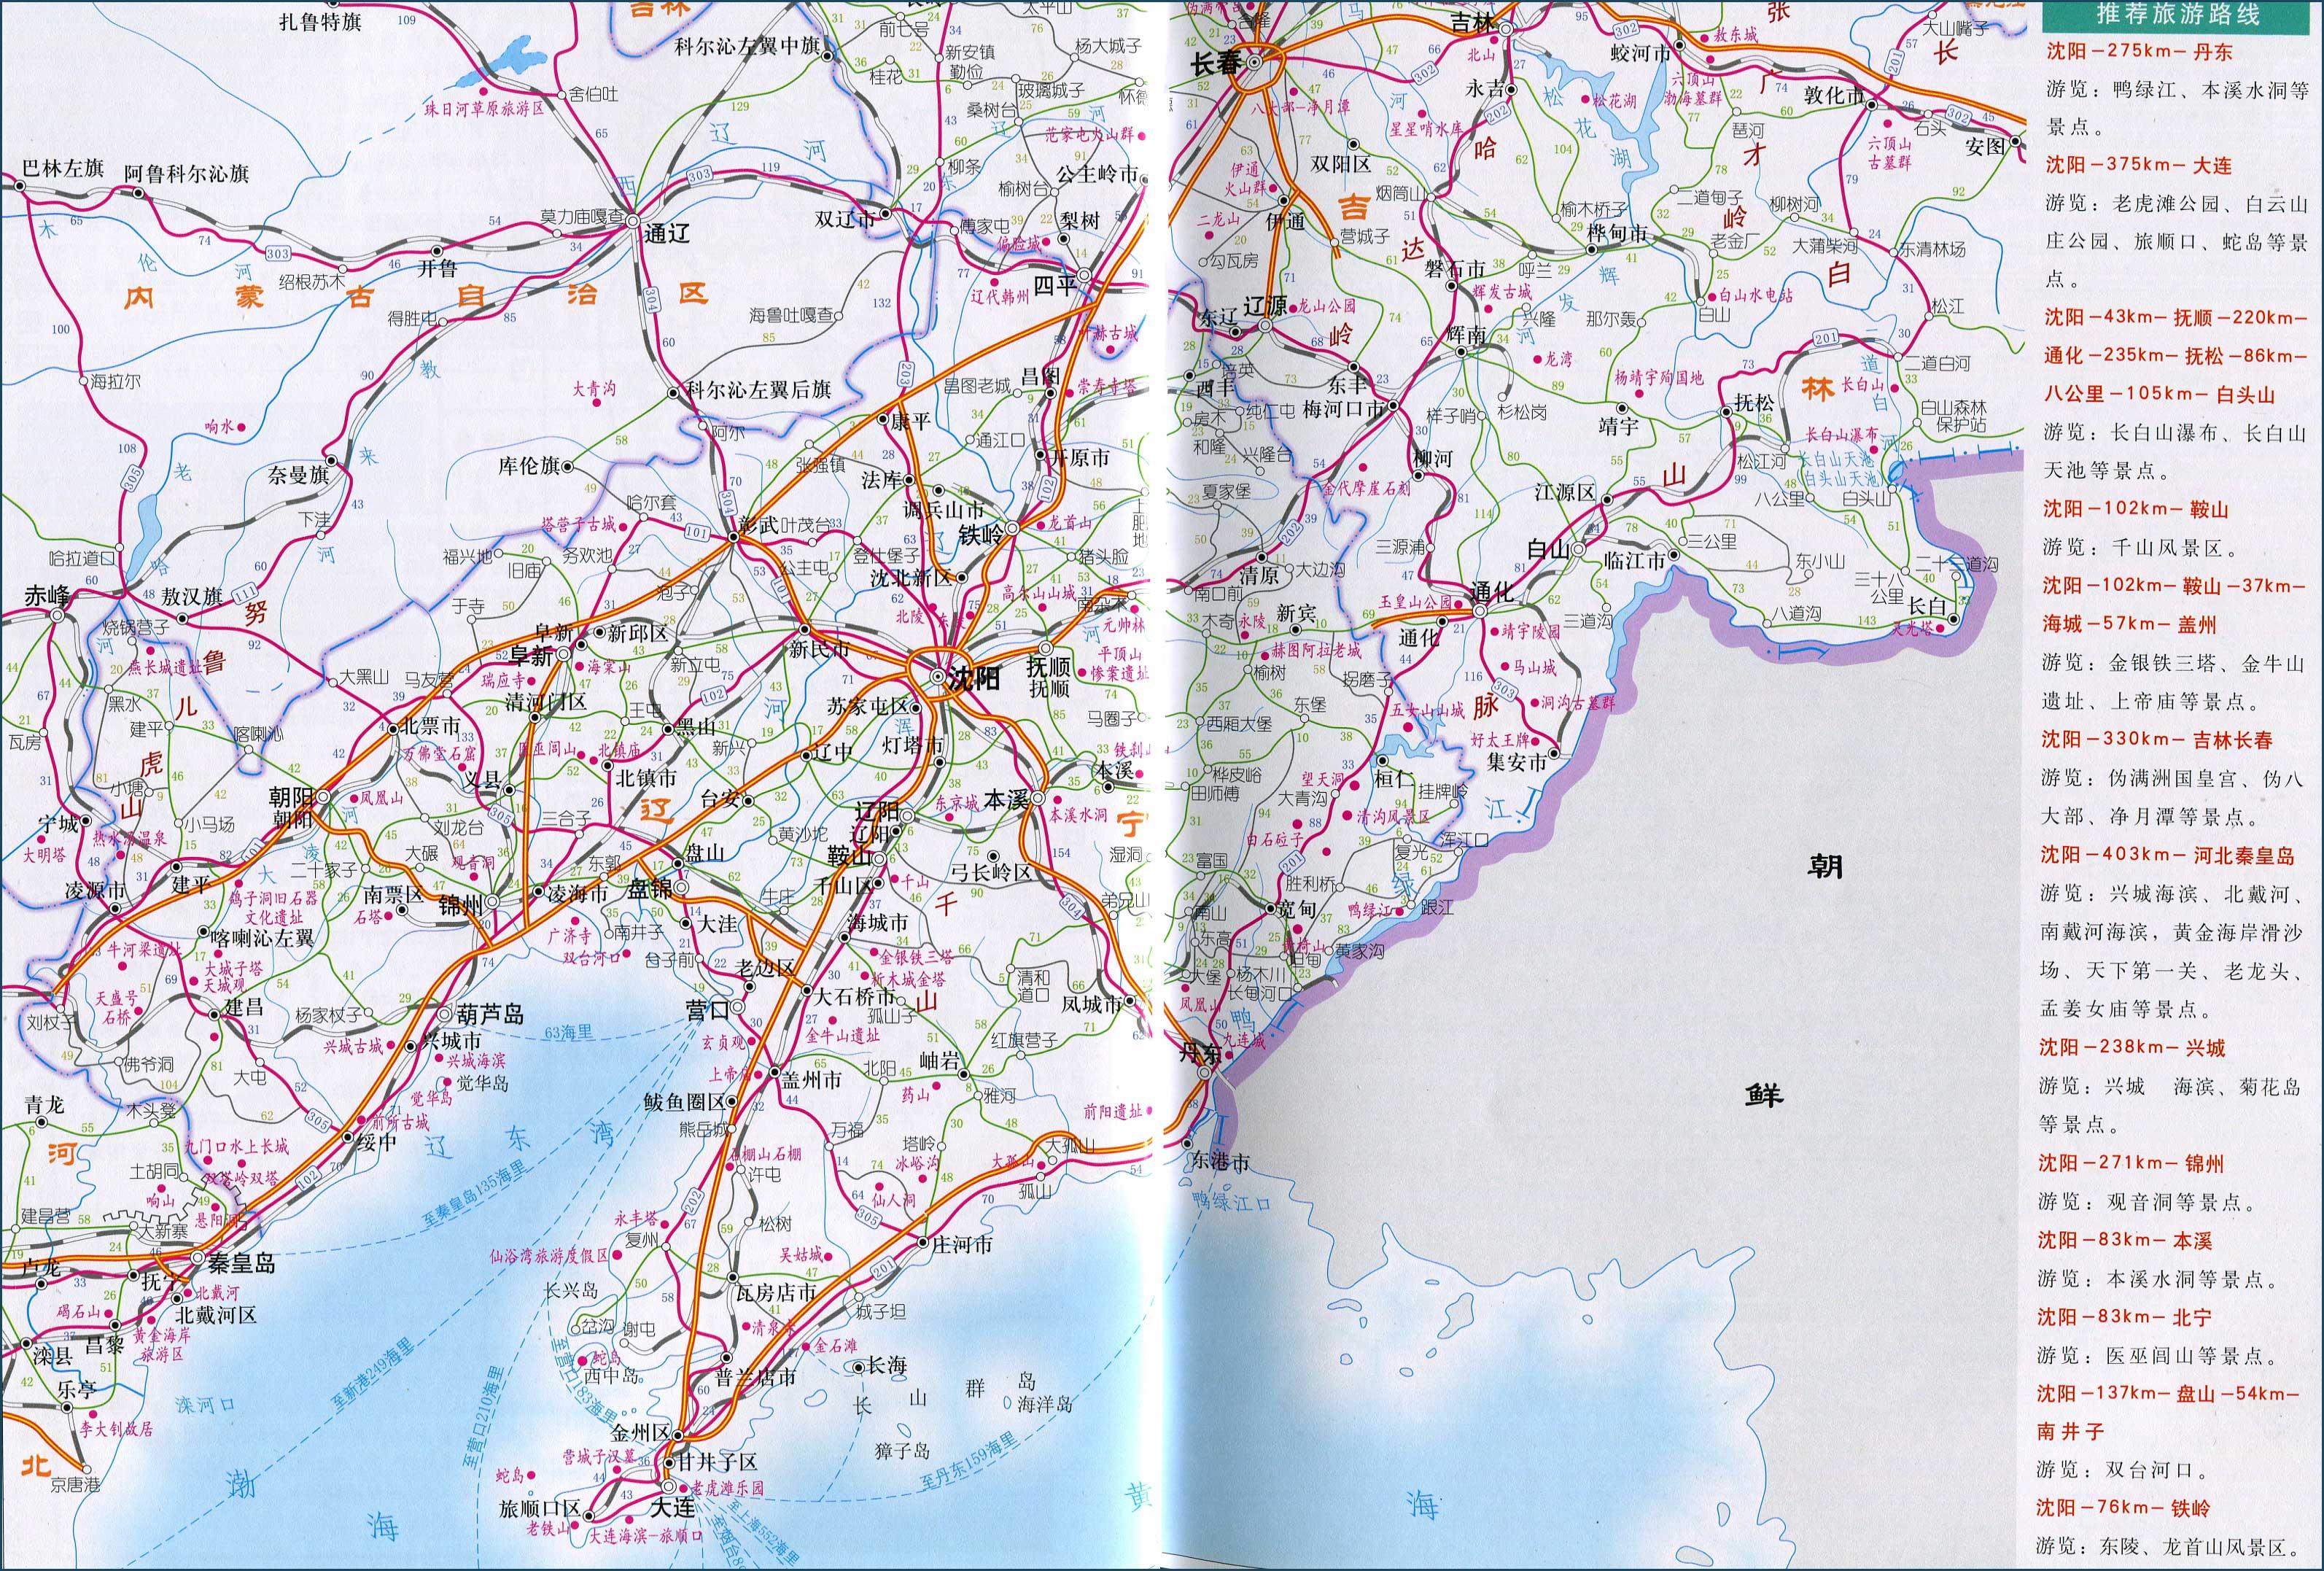 地图窝 中国地图 辽宁